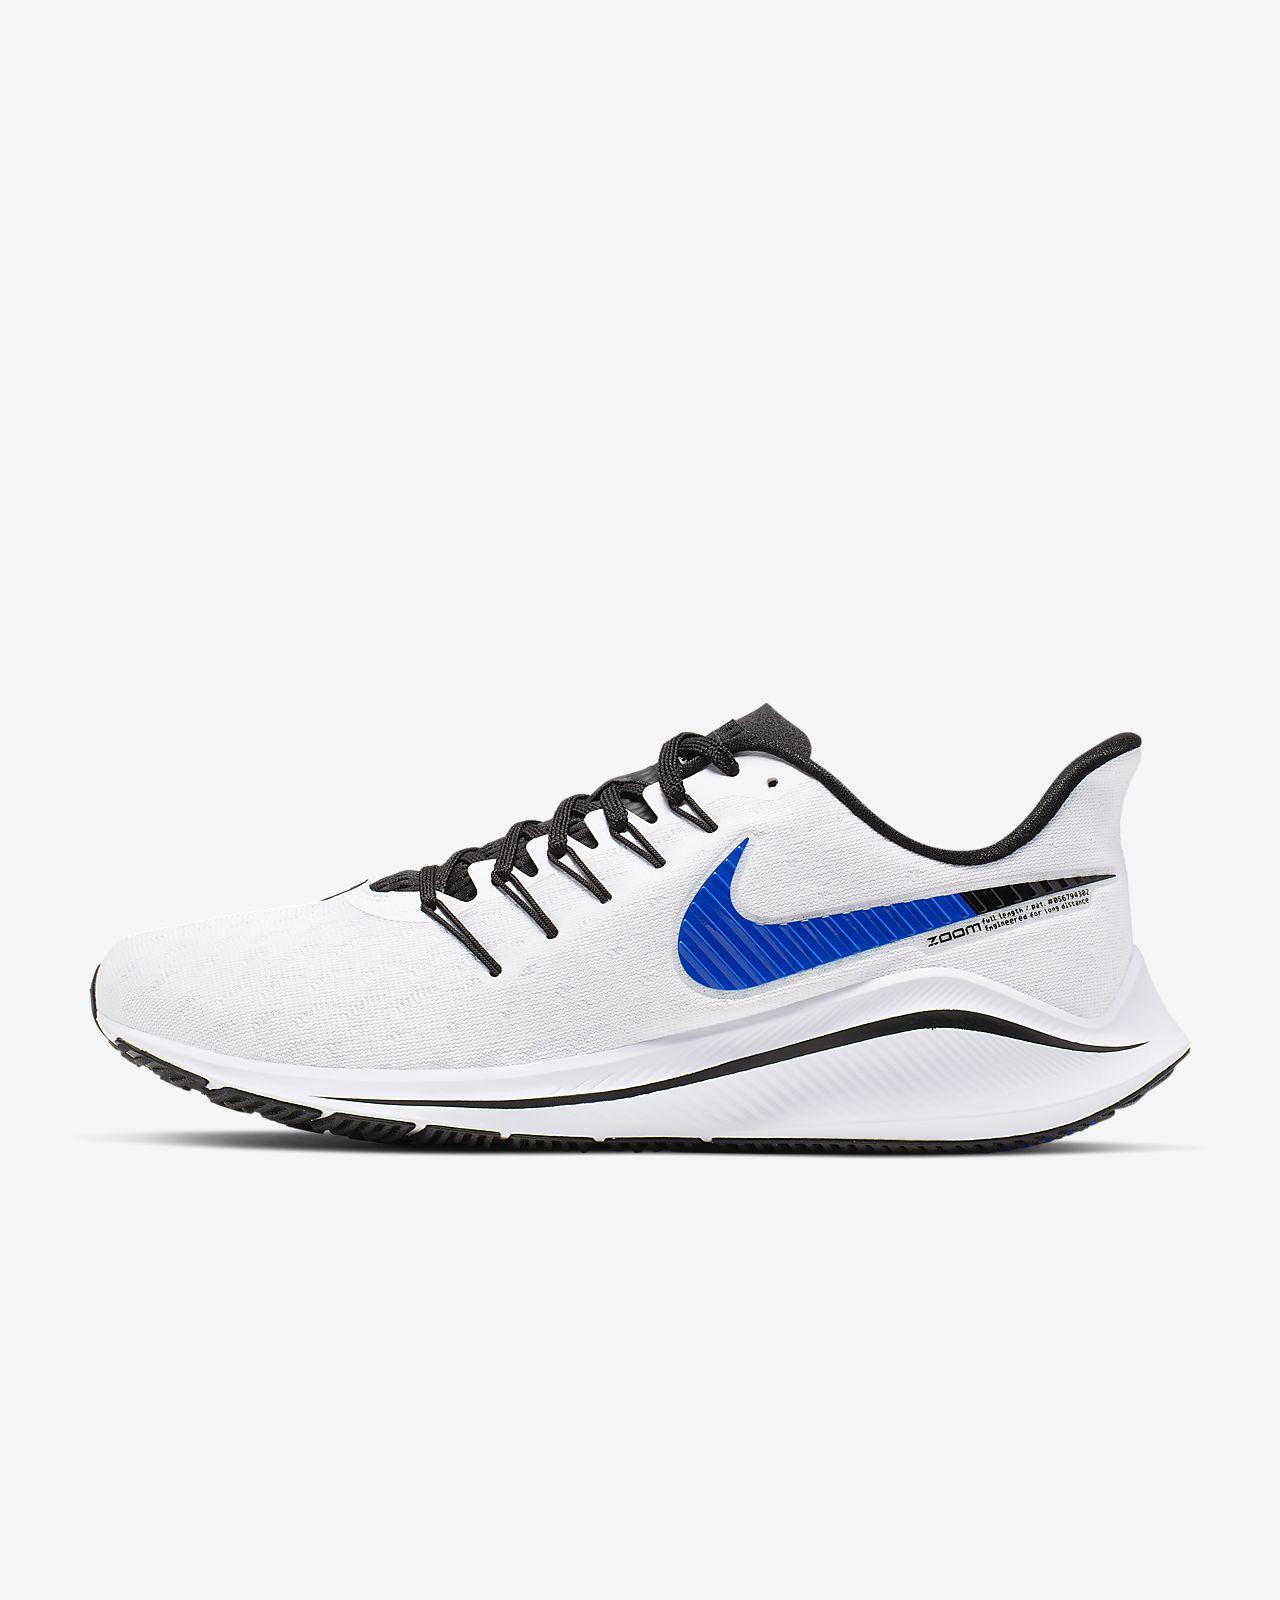 get cheap 37b35 320d5 Nike Air Zoom Vomero 14